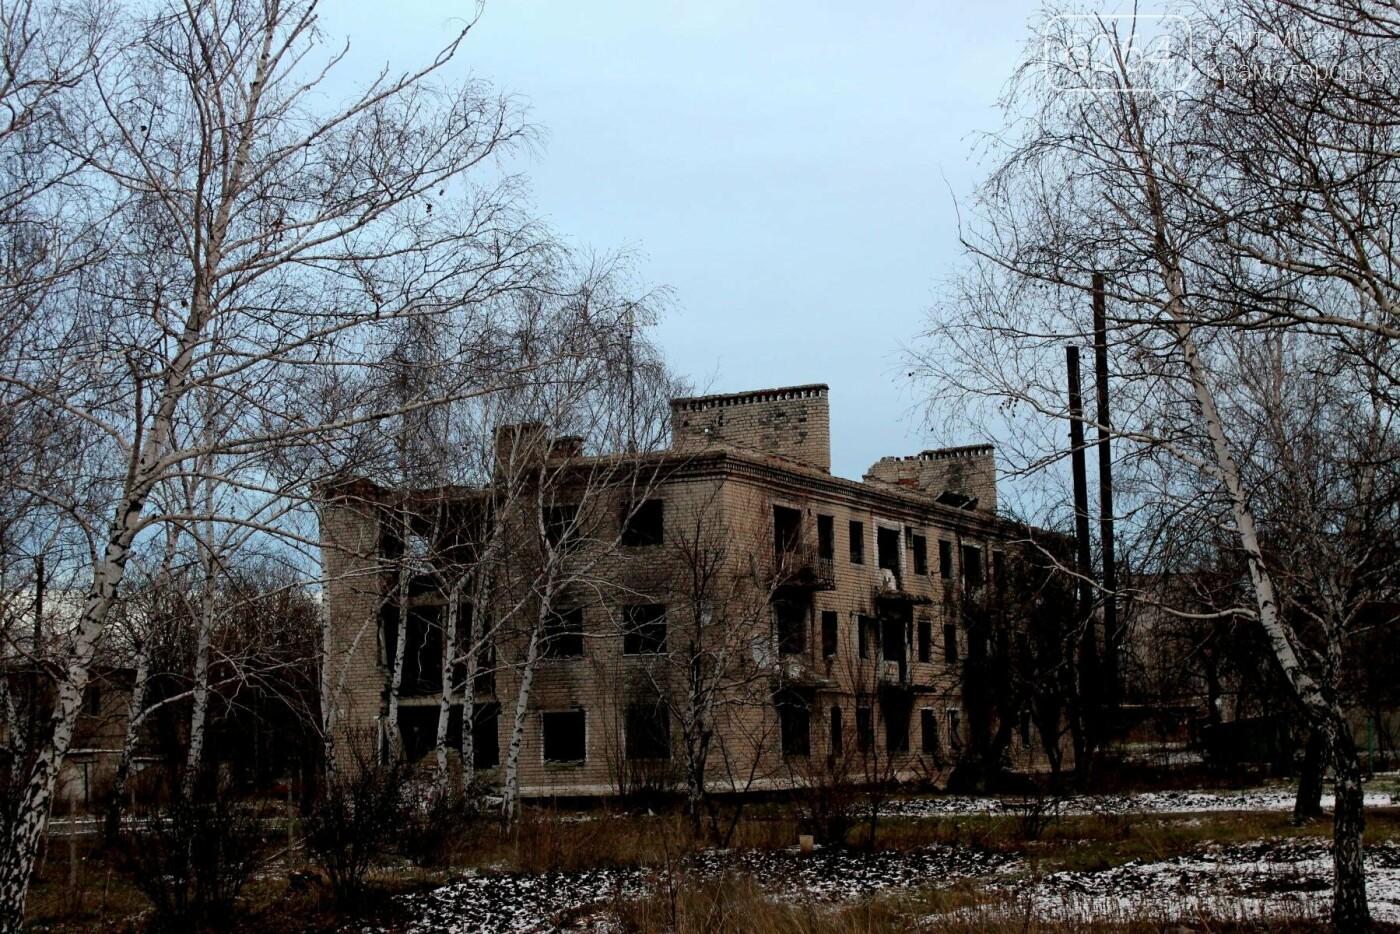 Необъявленная война глазами очевидцев: Марьинка - тонкая граница между стабильностью и разрушенным благополучием , фото-10